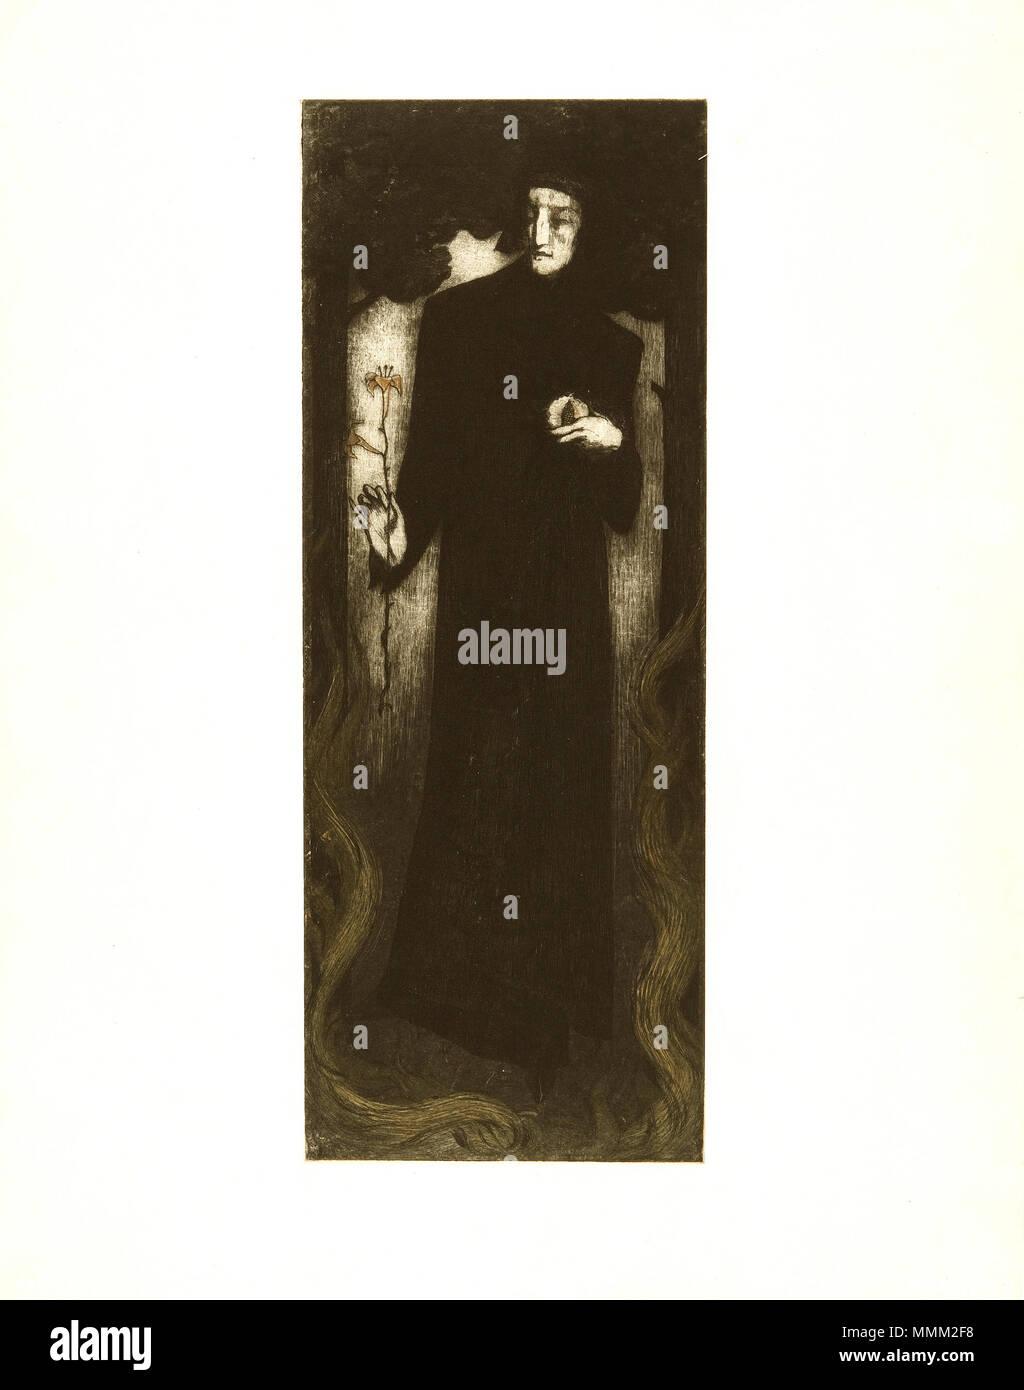 Alfredo Müller, Dante au lys, Ambroise Vollard éditeur 1898 - Stock Image